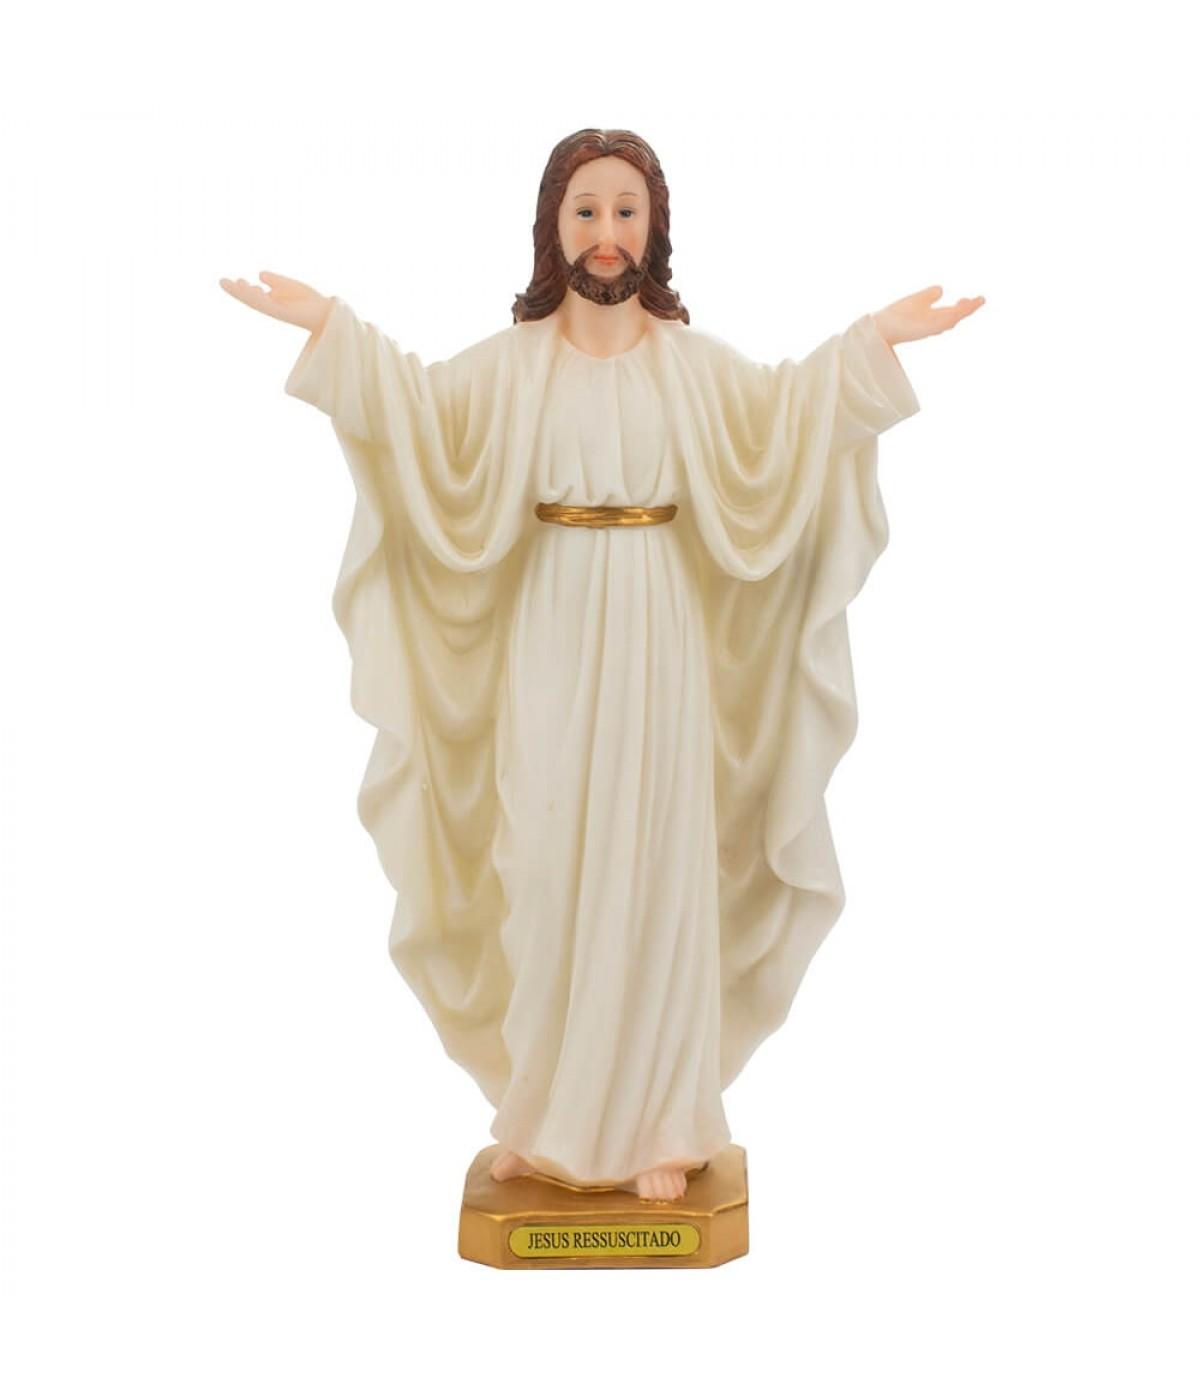 Jesus Ressuscitado 30cm Imagem Religiosa ALJB158612M